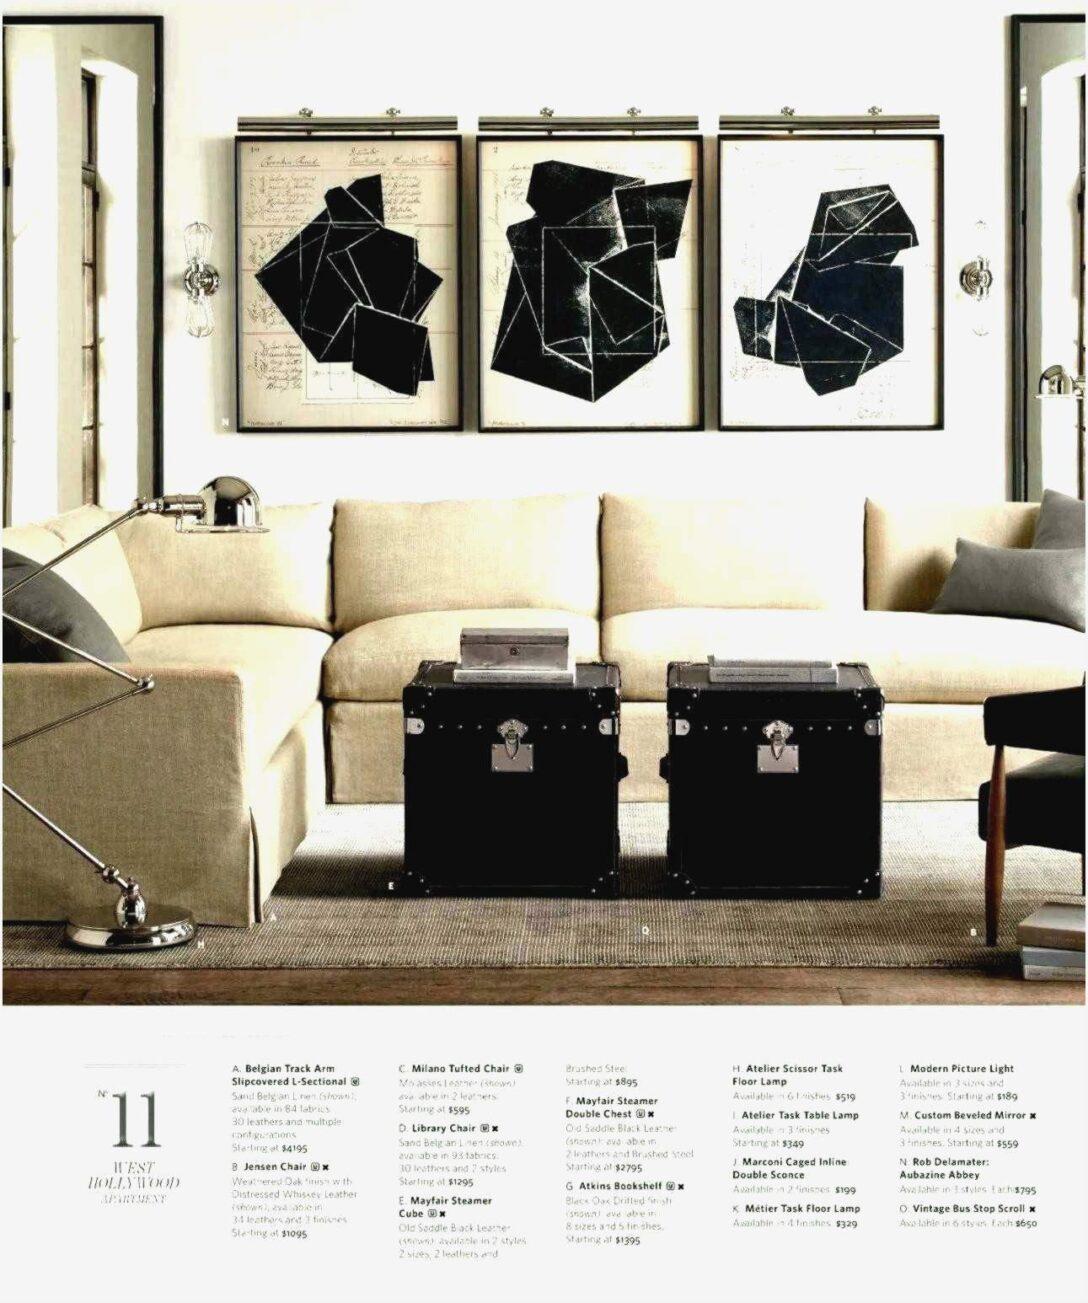 Large Size of Stehlampe Modern Moderne Esstische Stehlampen Wohnzimmer Bilder Modernes Bett 180x200 Deckenlampen Küche Holz Deckenleuchte Schlafzimmer Weiss Fürs Wohnzimmer Stehlampe Modern